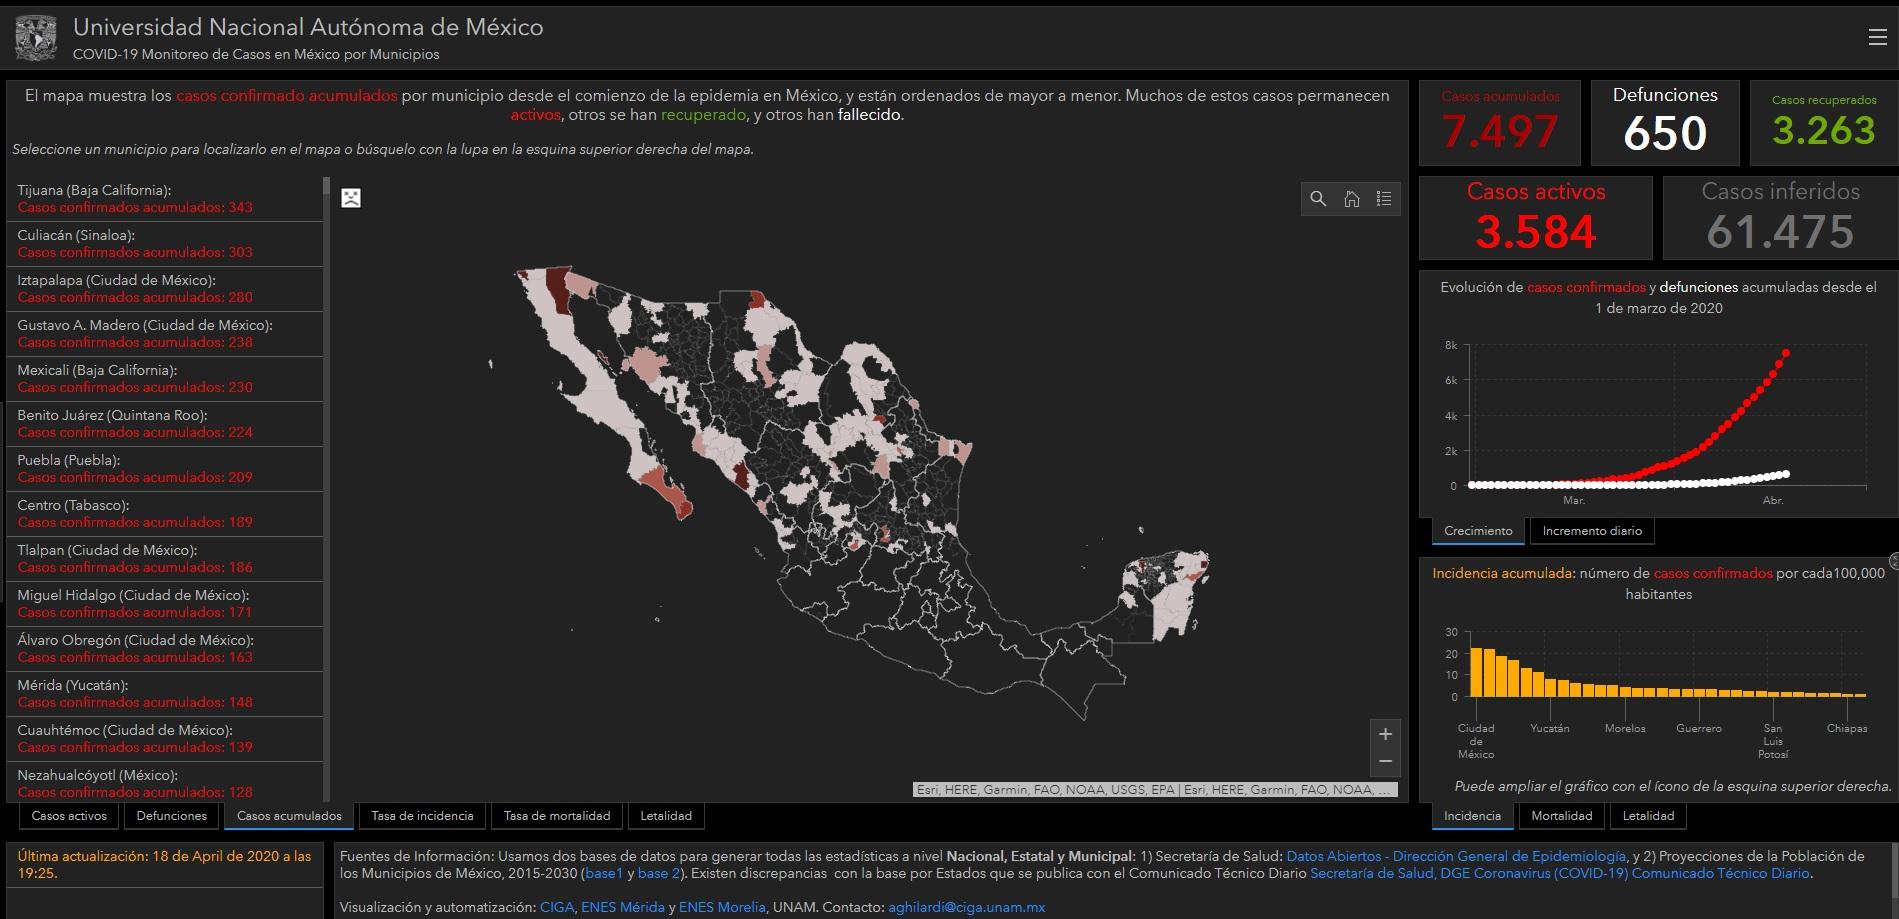 Municipios con más casos de COVID19